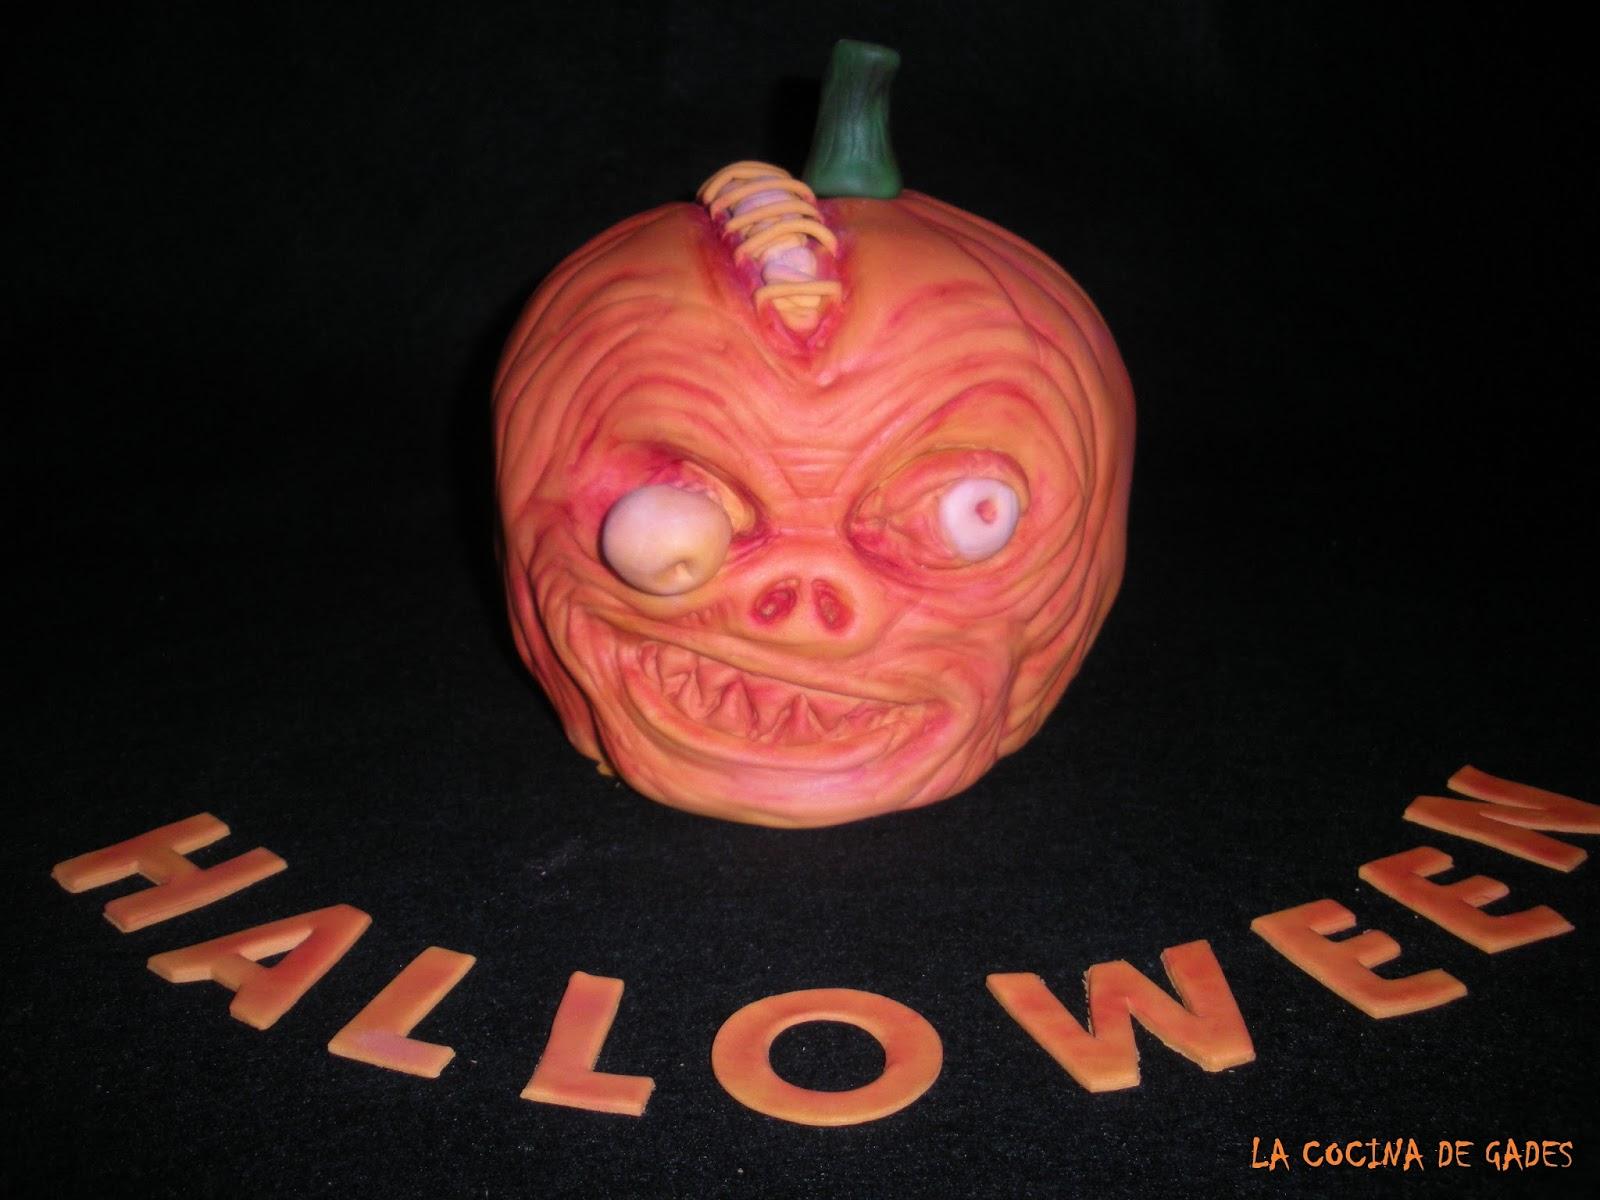 La cocina de gades tarta calabaza de terror de halloween 3d - Calabazas de halloween de miedo ...